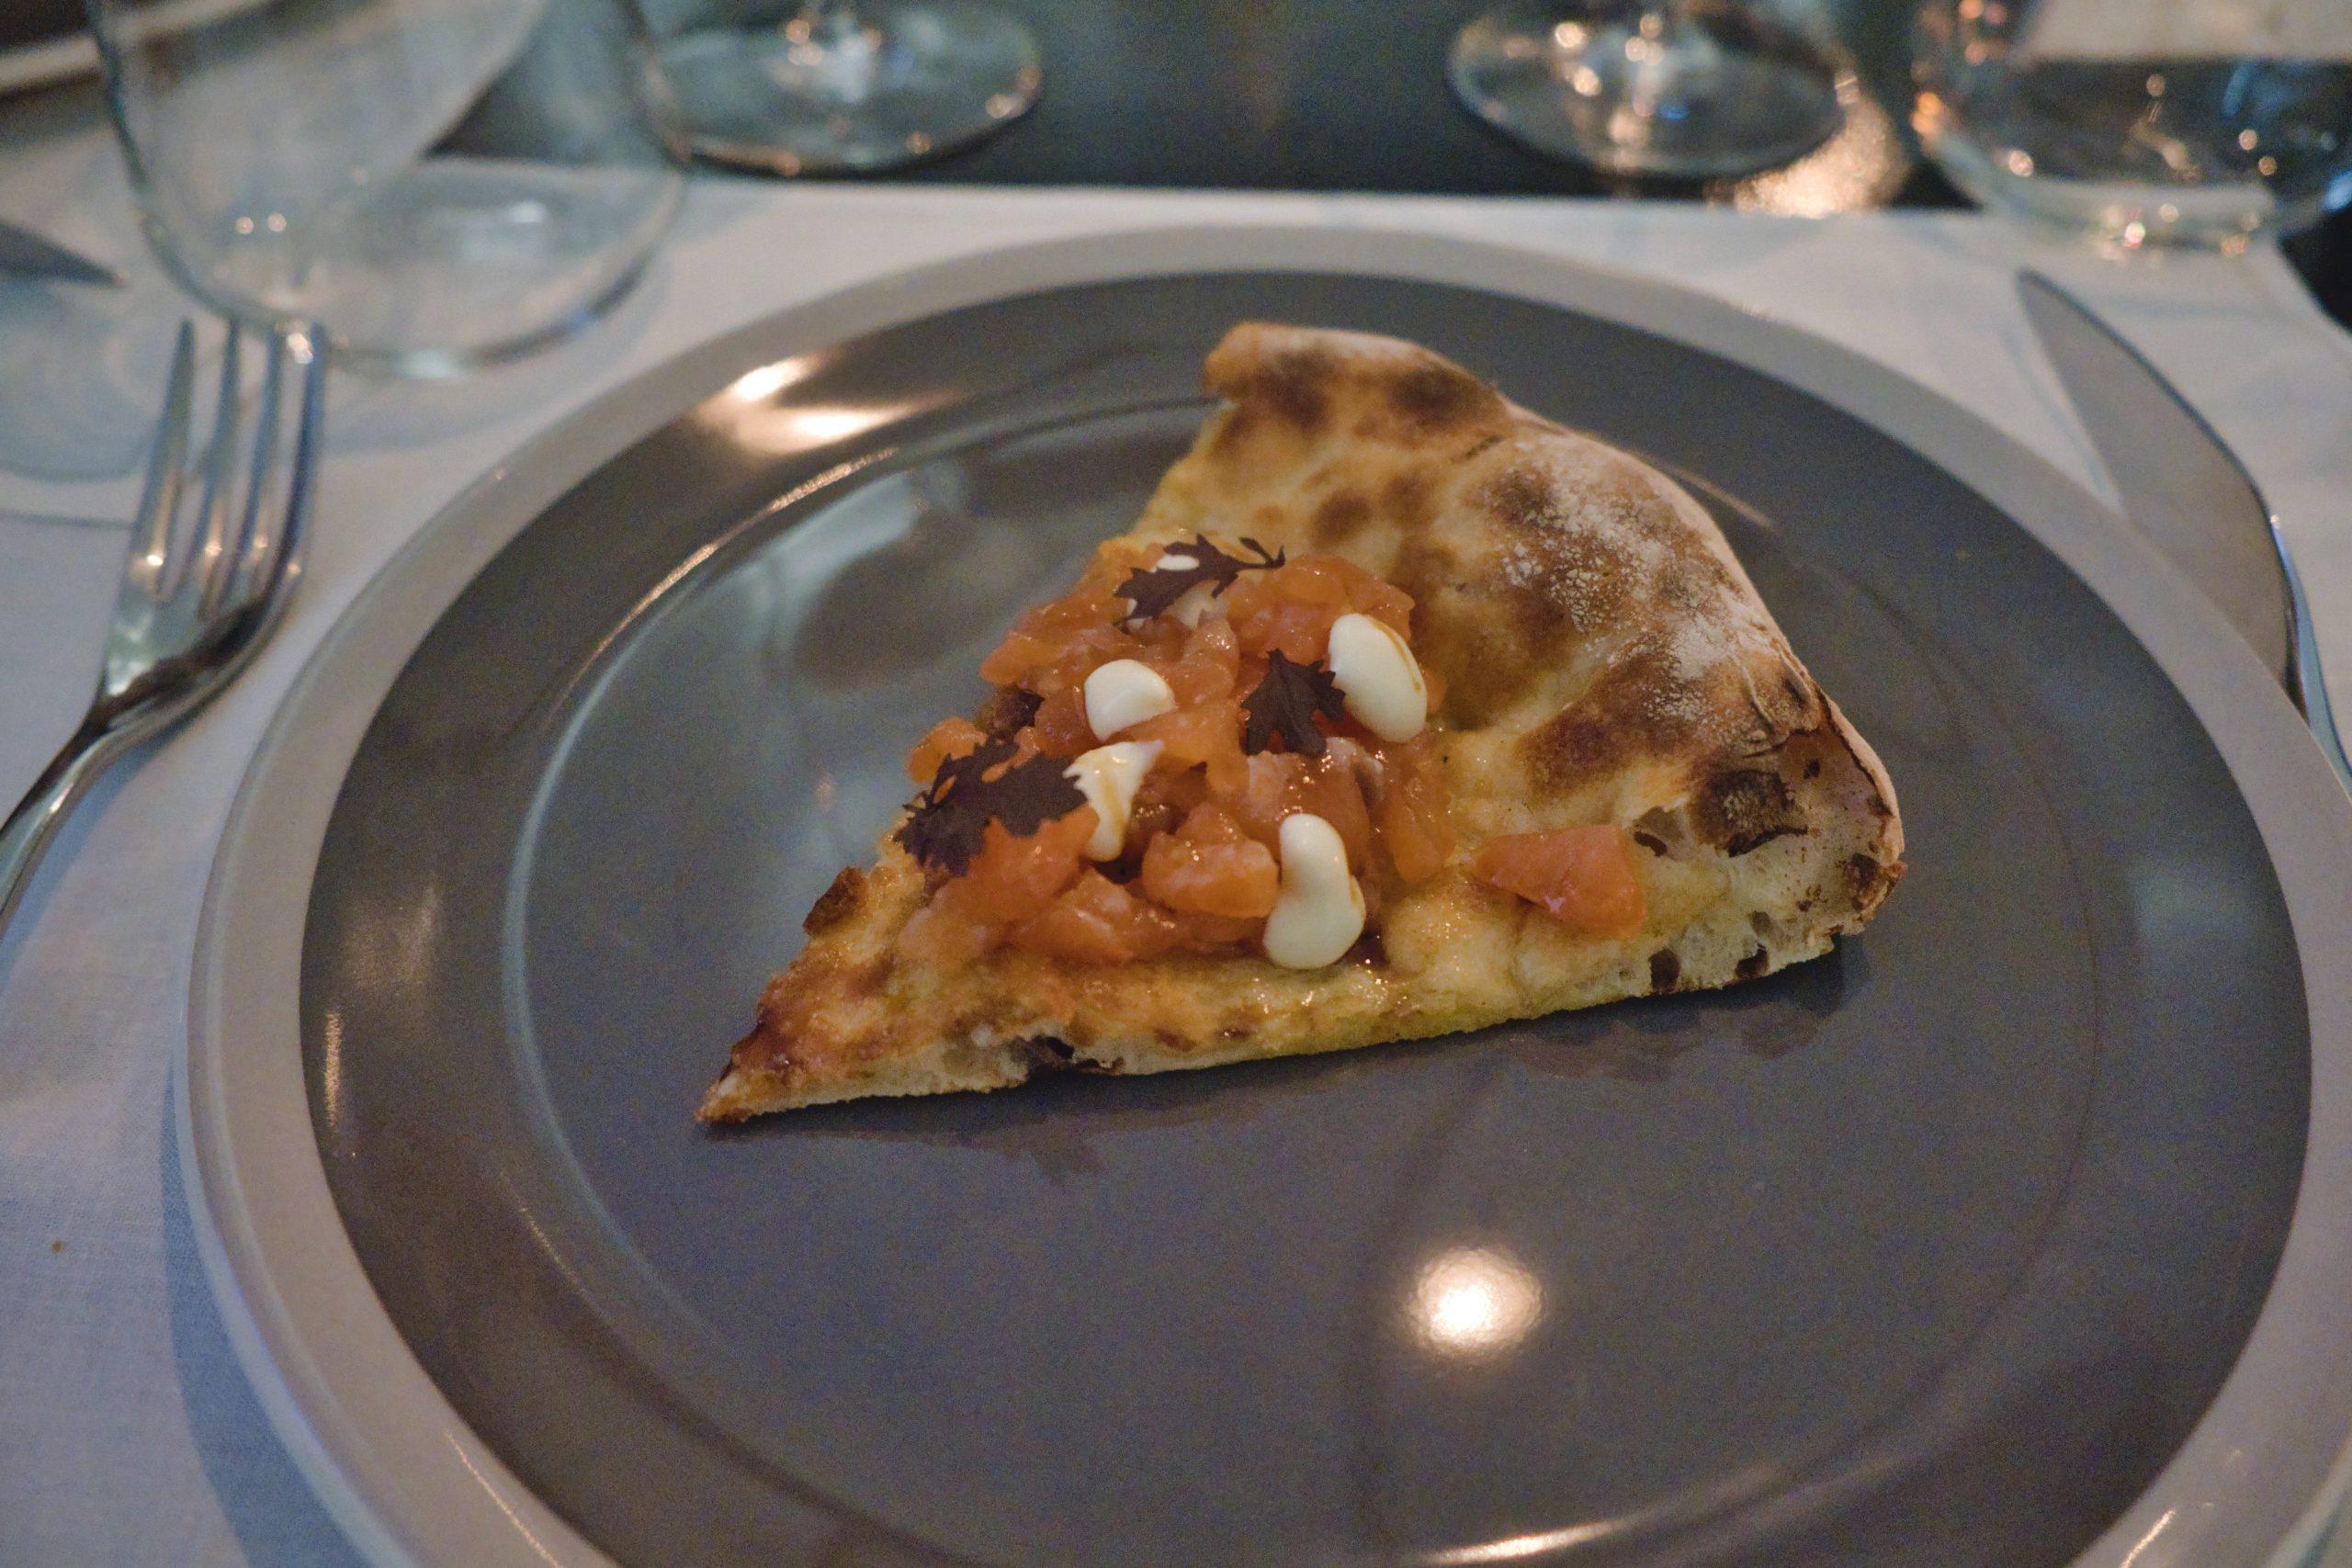 Pizza con trota, soia e sesamo di Luciano Viillani